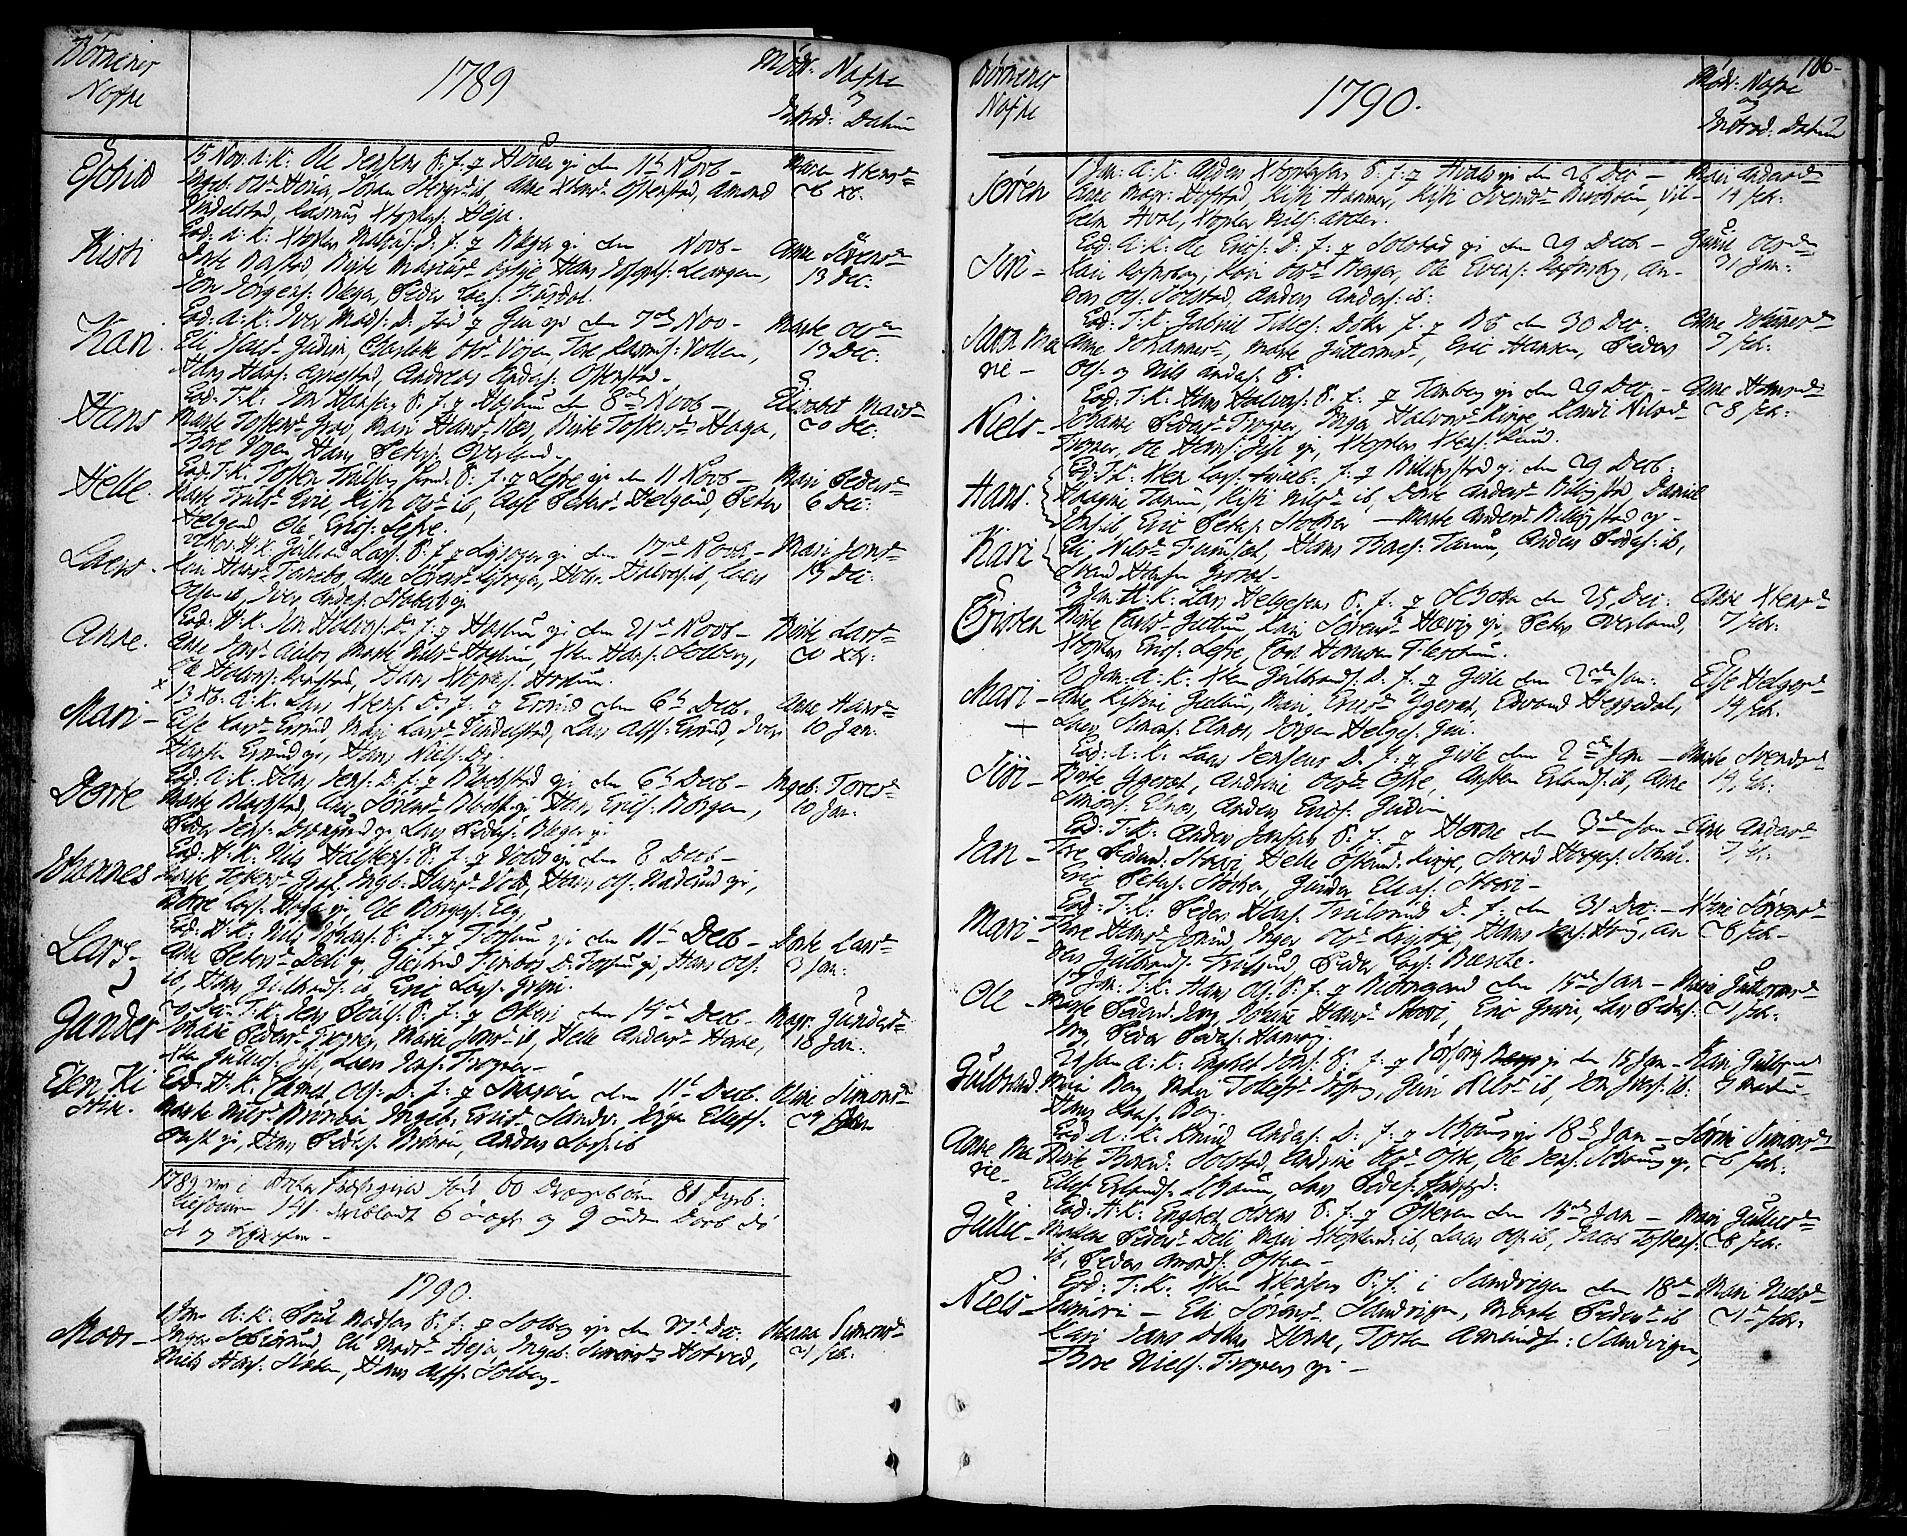 SAO, Asker prestekontor Kirkebøker, F/Fa/L0003: Ministerialbok nr. I 3, 1767-1807, s. 106